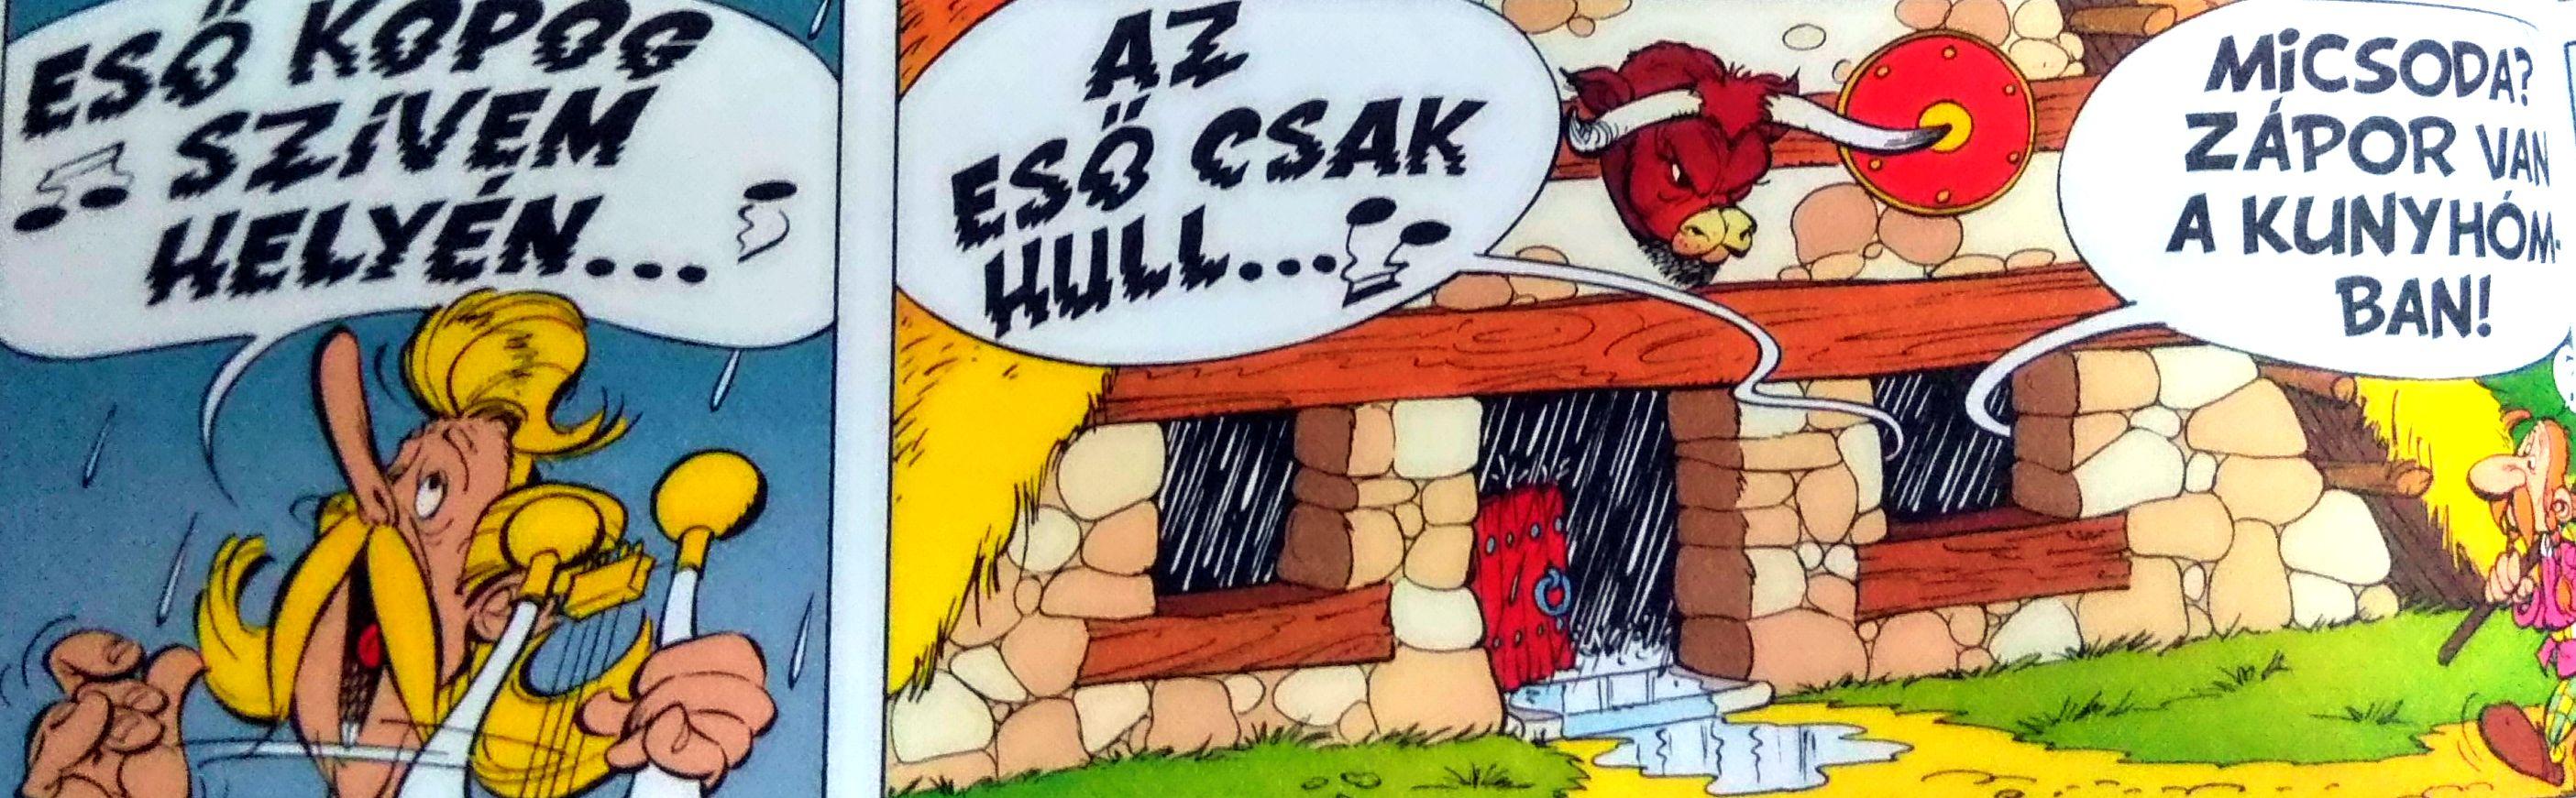 asterix_28_es_a_varaszszonyeg_2kep.jpg